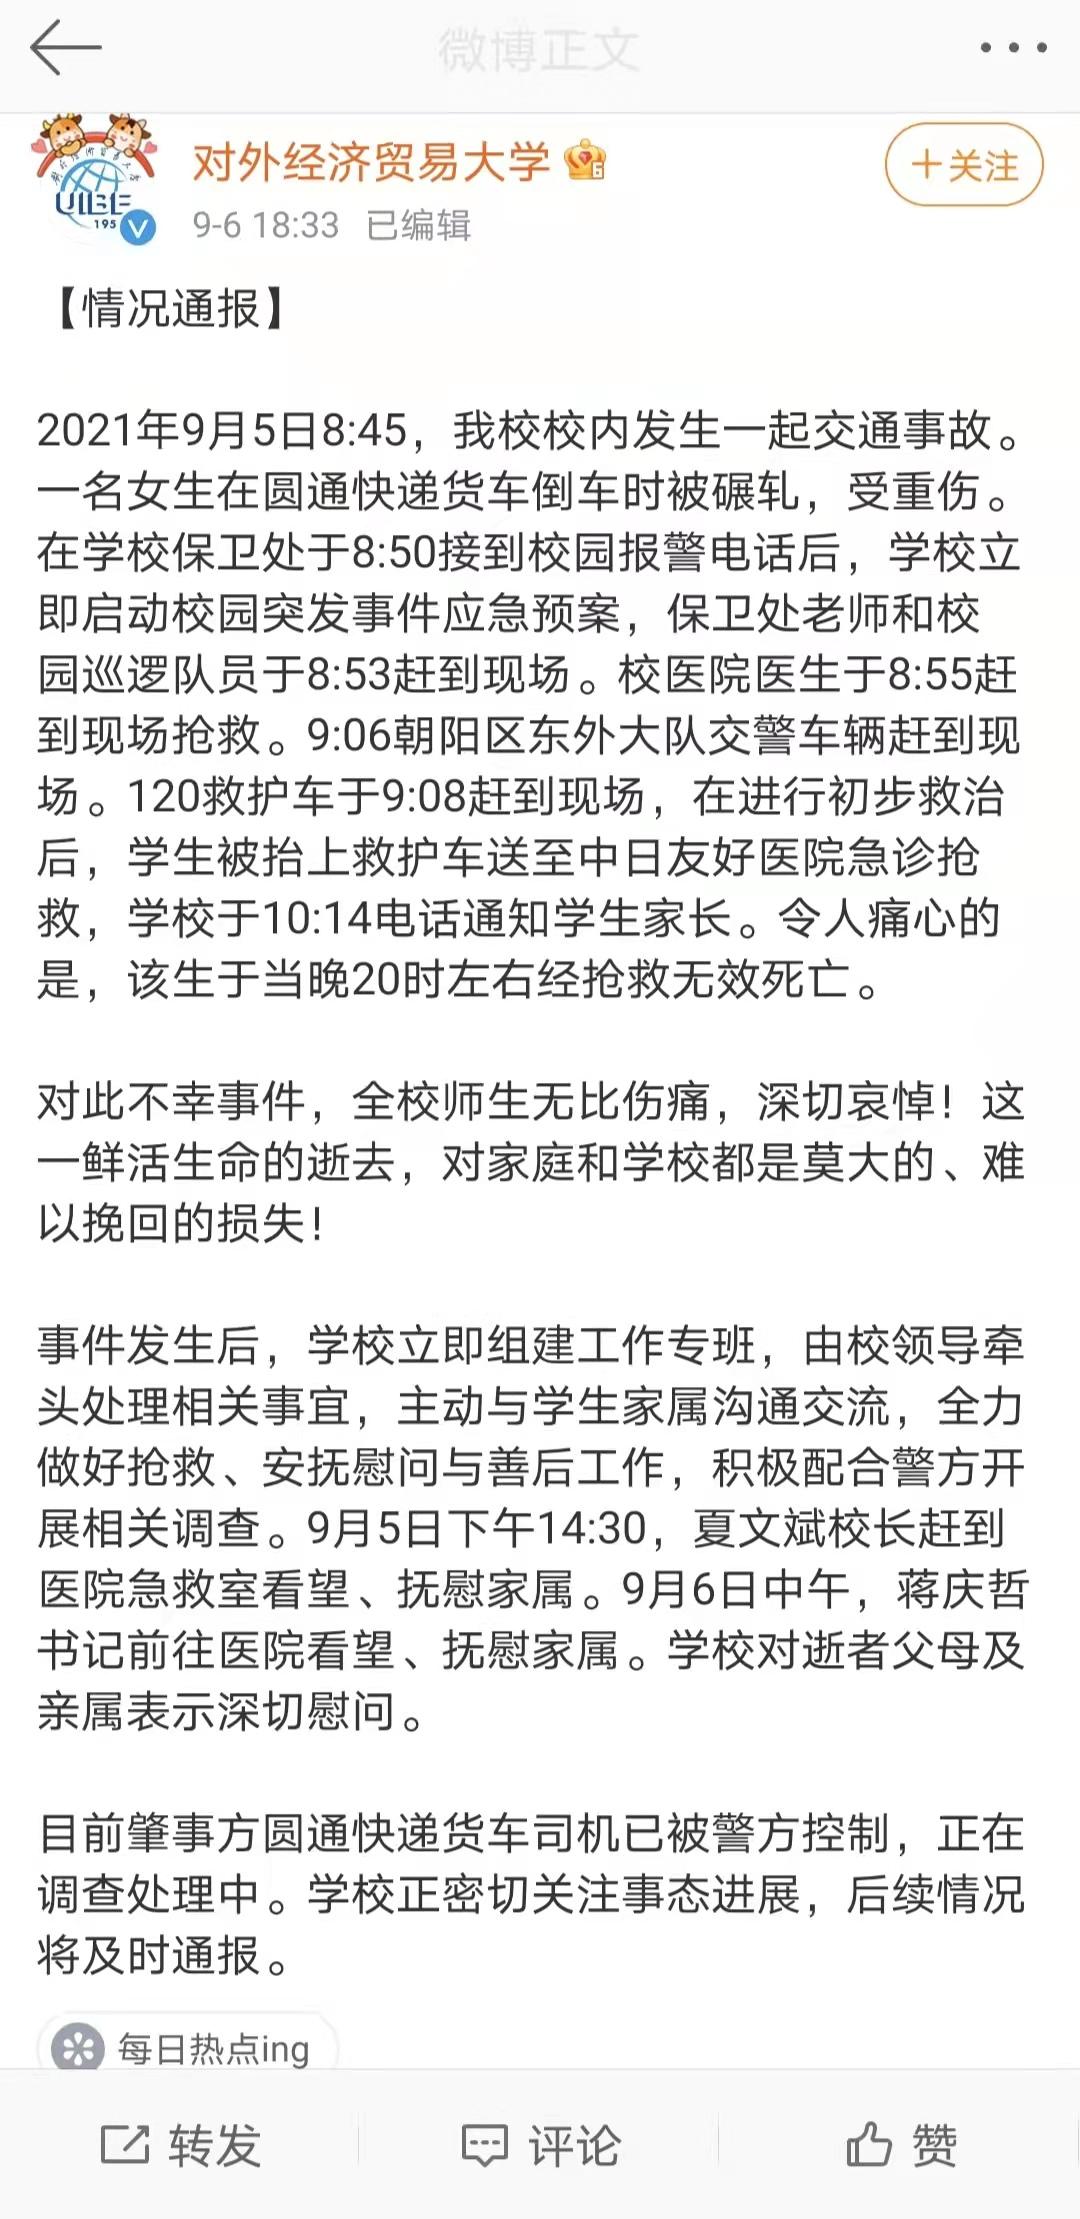 圆通快递车碾轧学生事件最新:货车司机已被警方控制